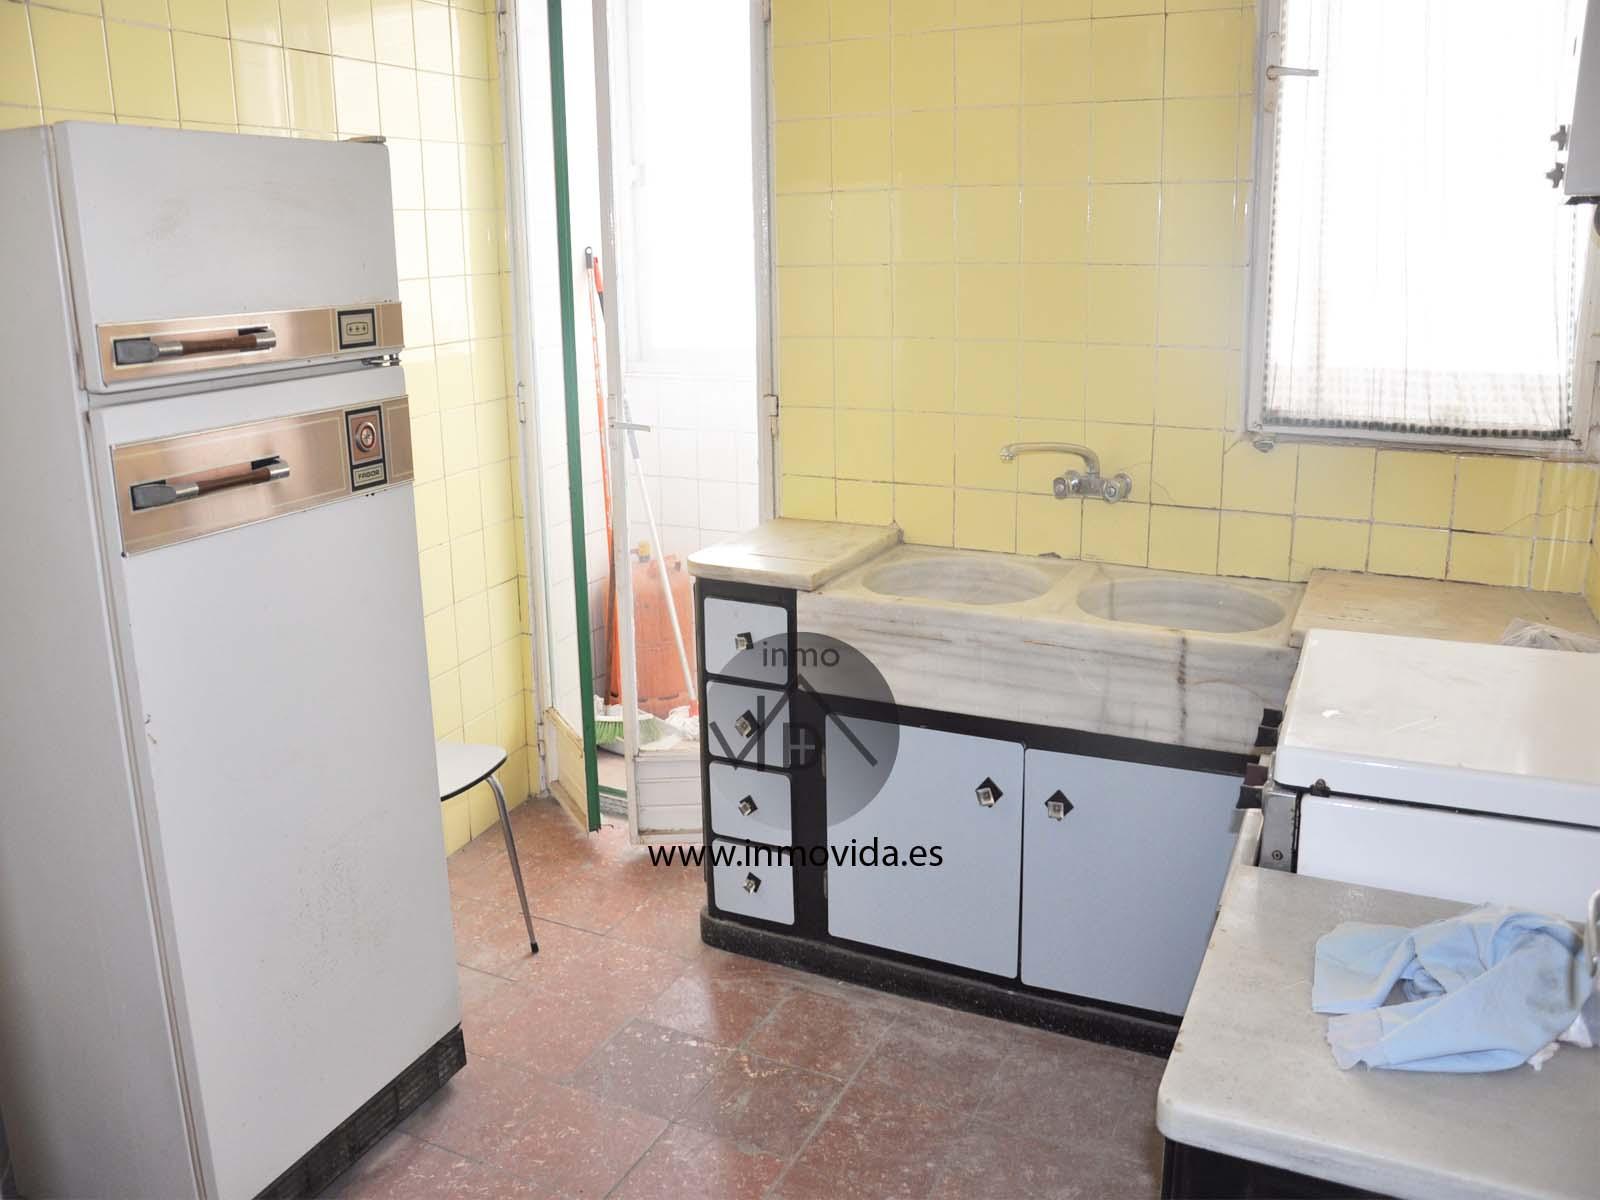 Venta de piso en xativa centro inmobiliaria en xativa y - Compro piso en madrid zona centro ...